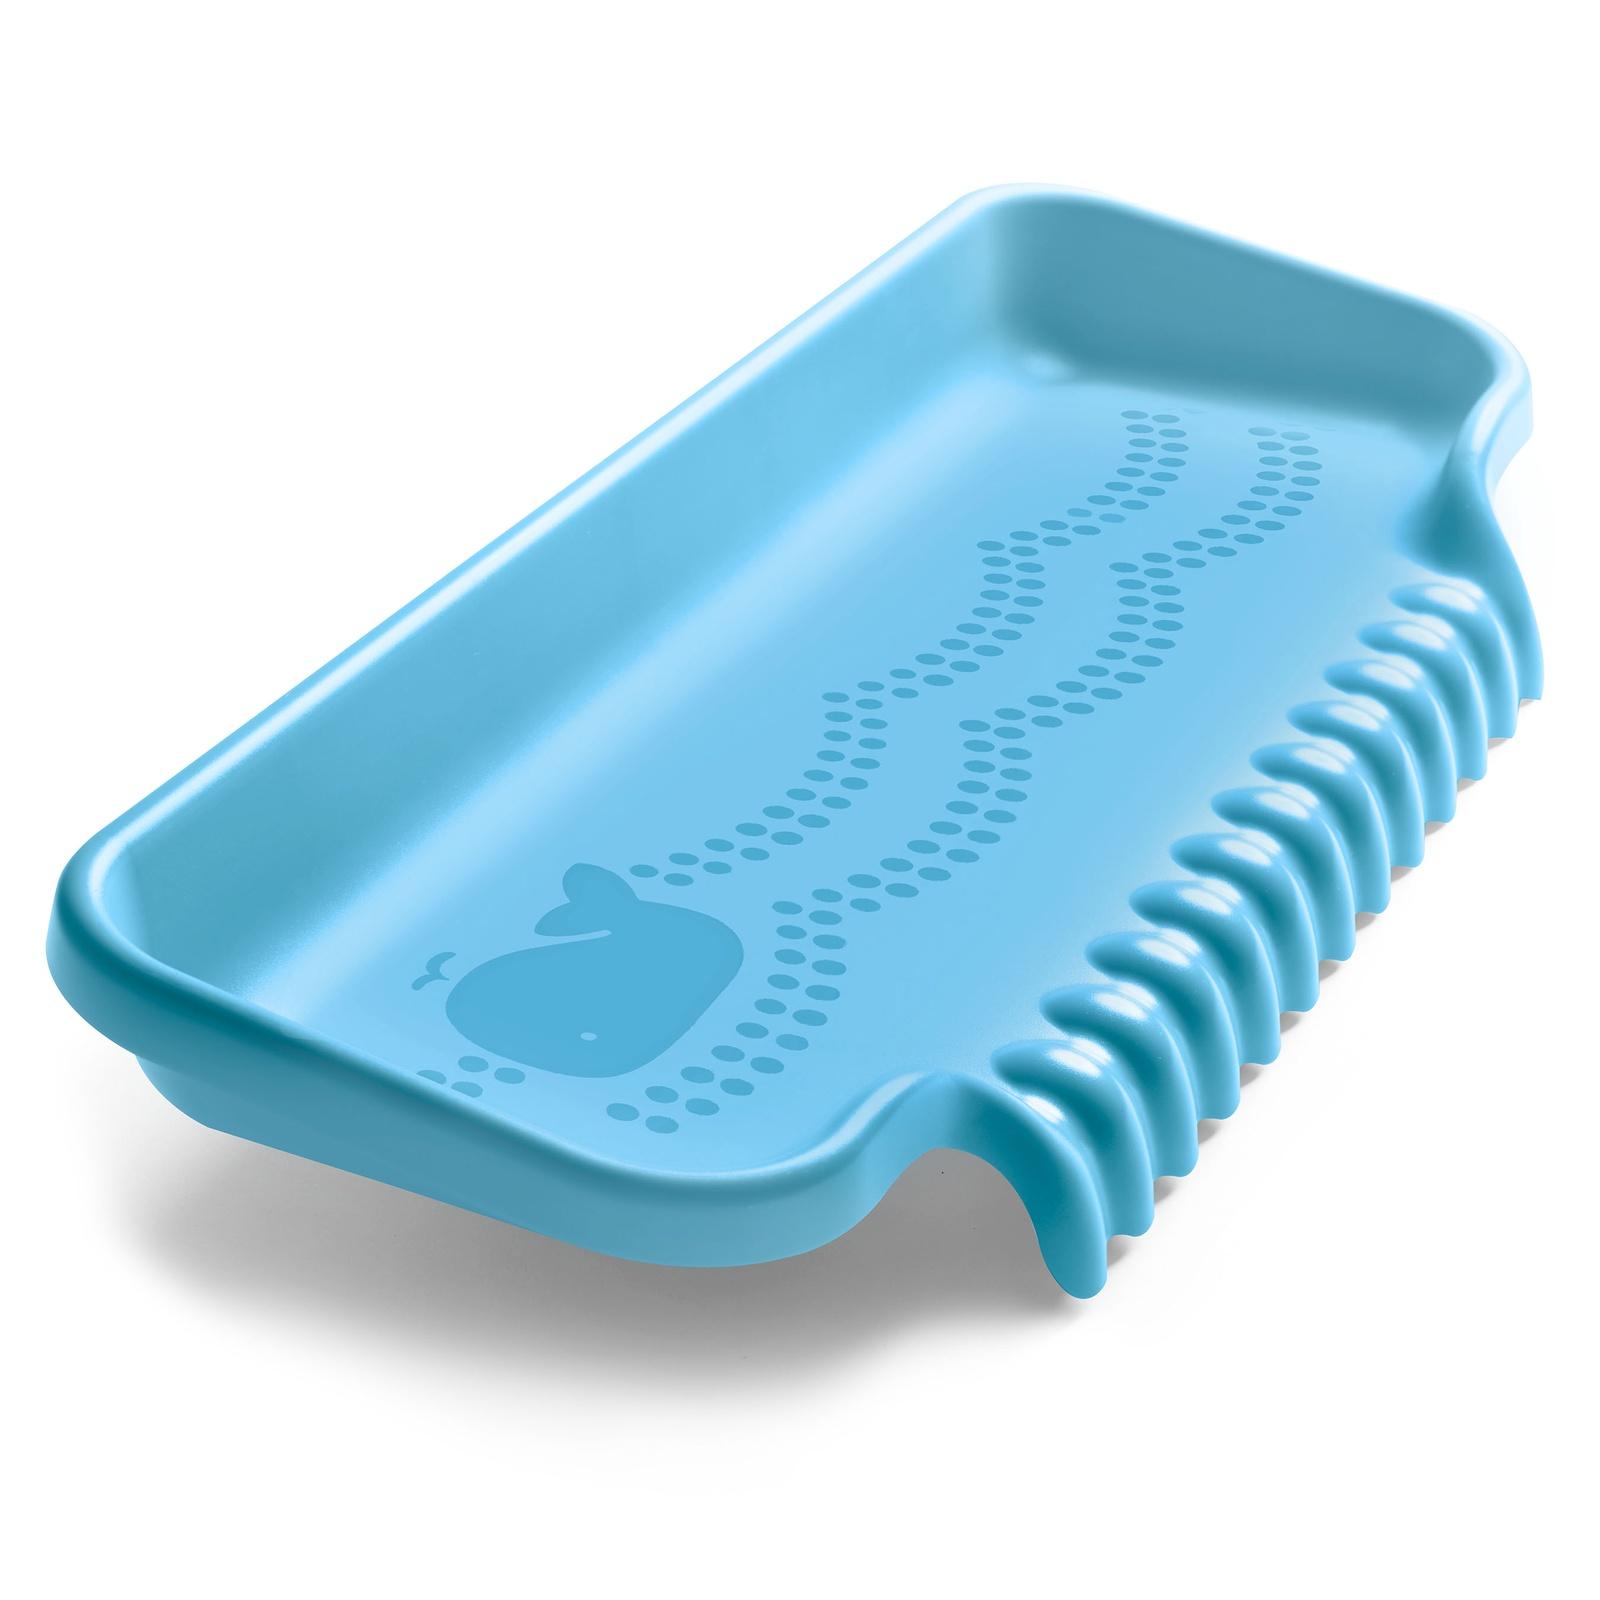 Полка для ванной SkipHop игрушек SH 235111 голубой